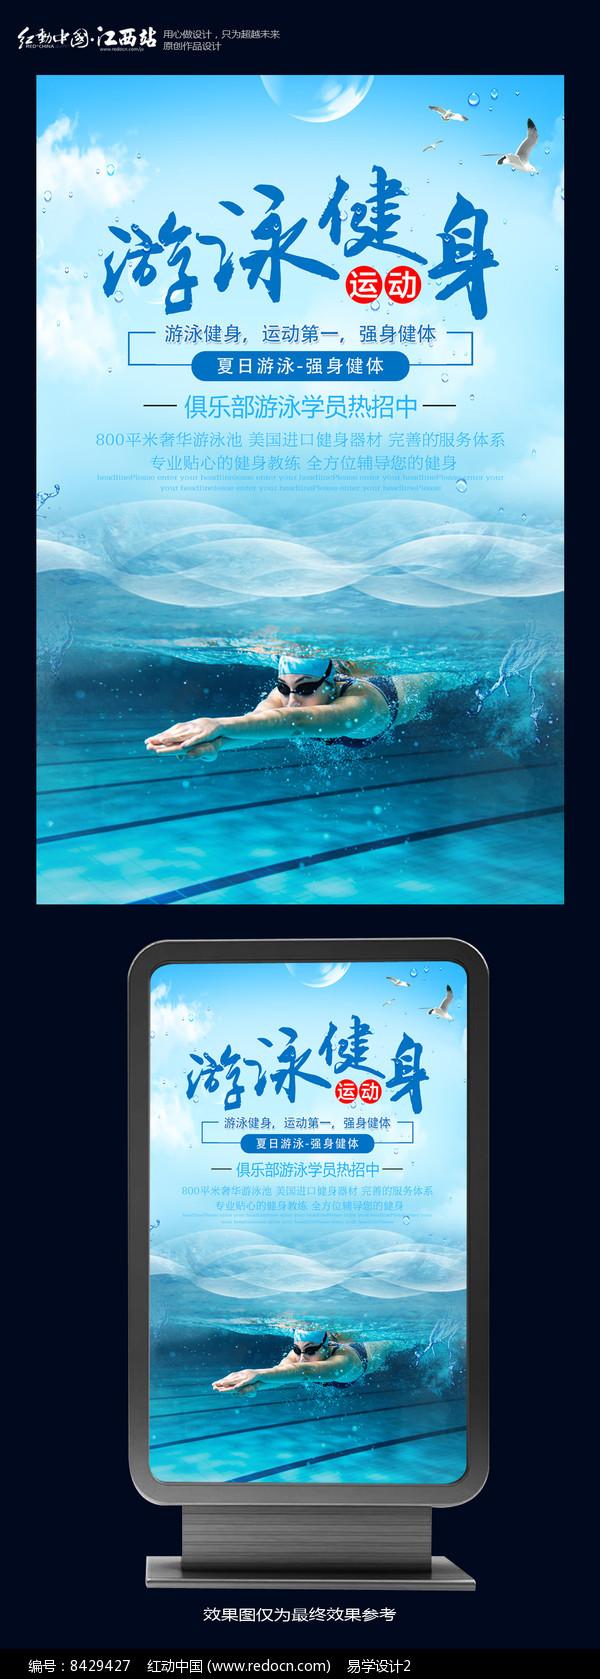 清凉夏日游泳健身海报图片